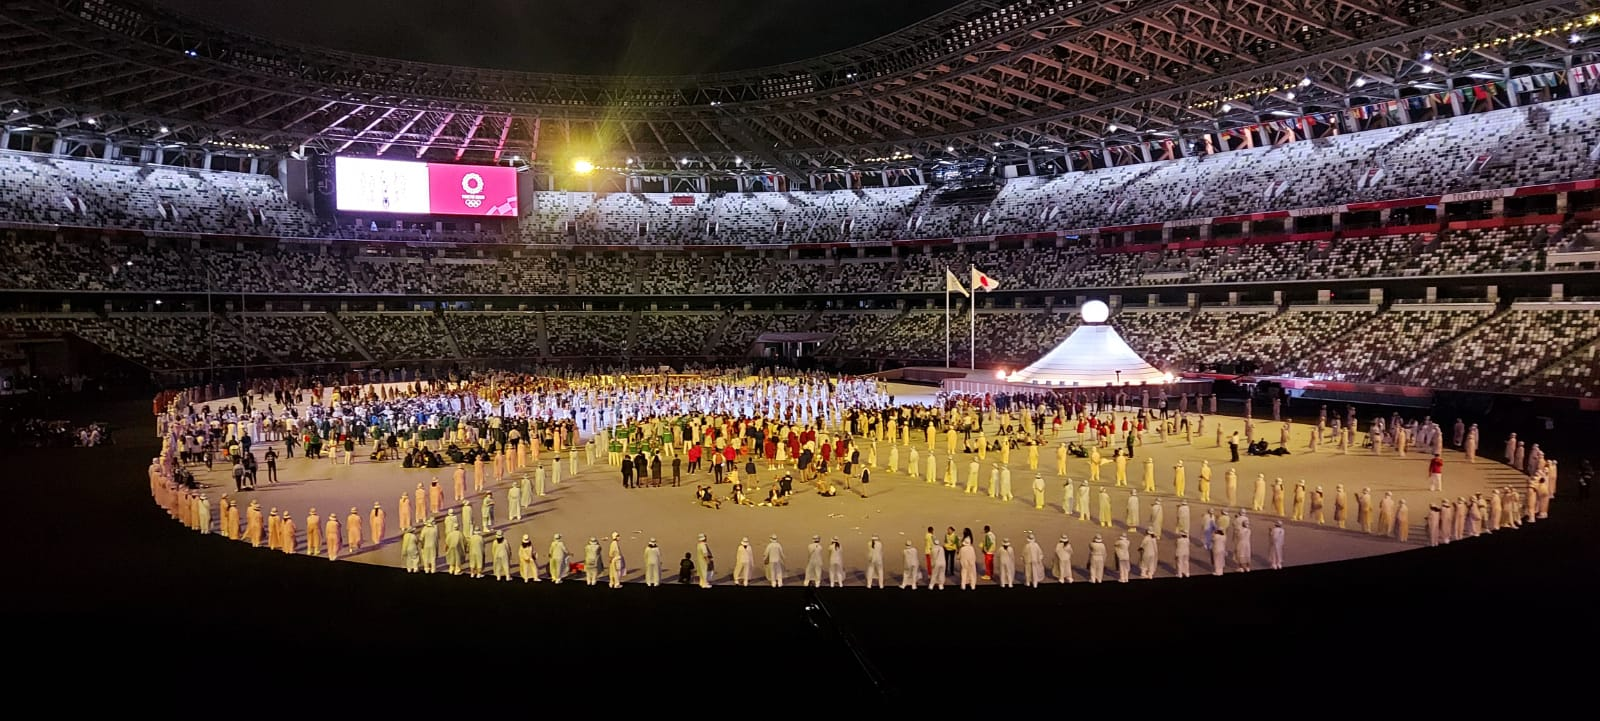 Tokio-2020: Açılış mərasimindən görüntülər - VİDEO